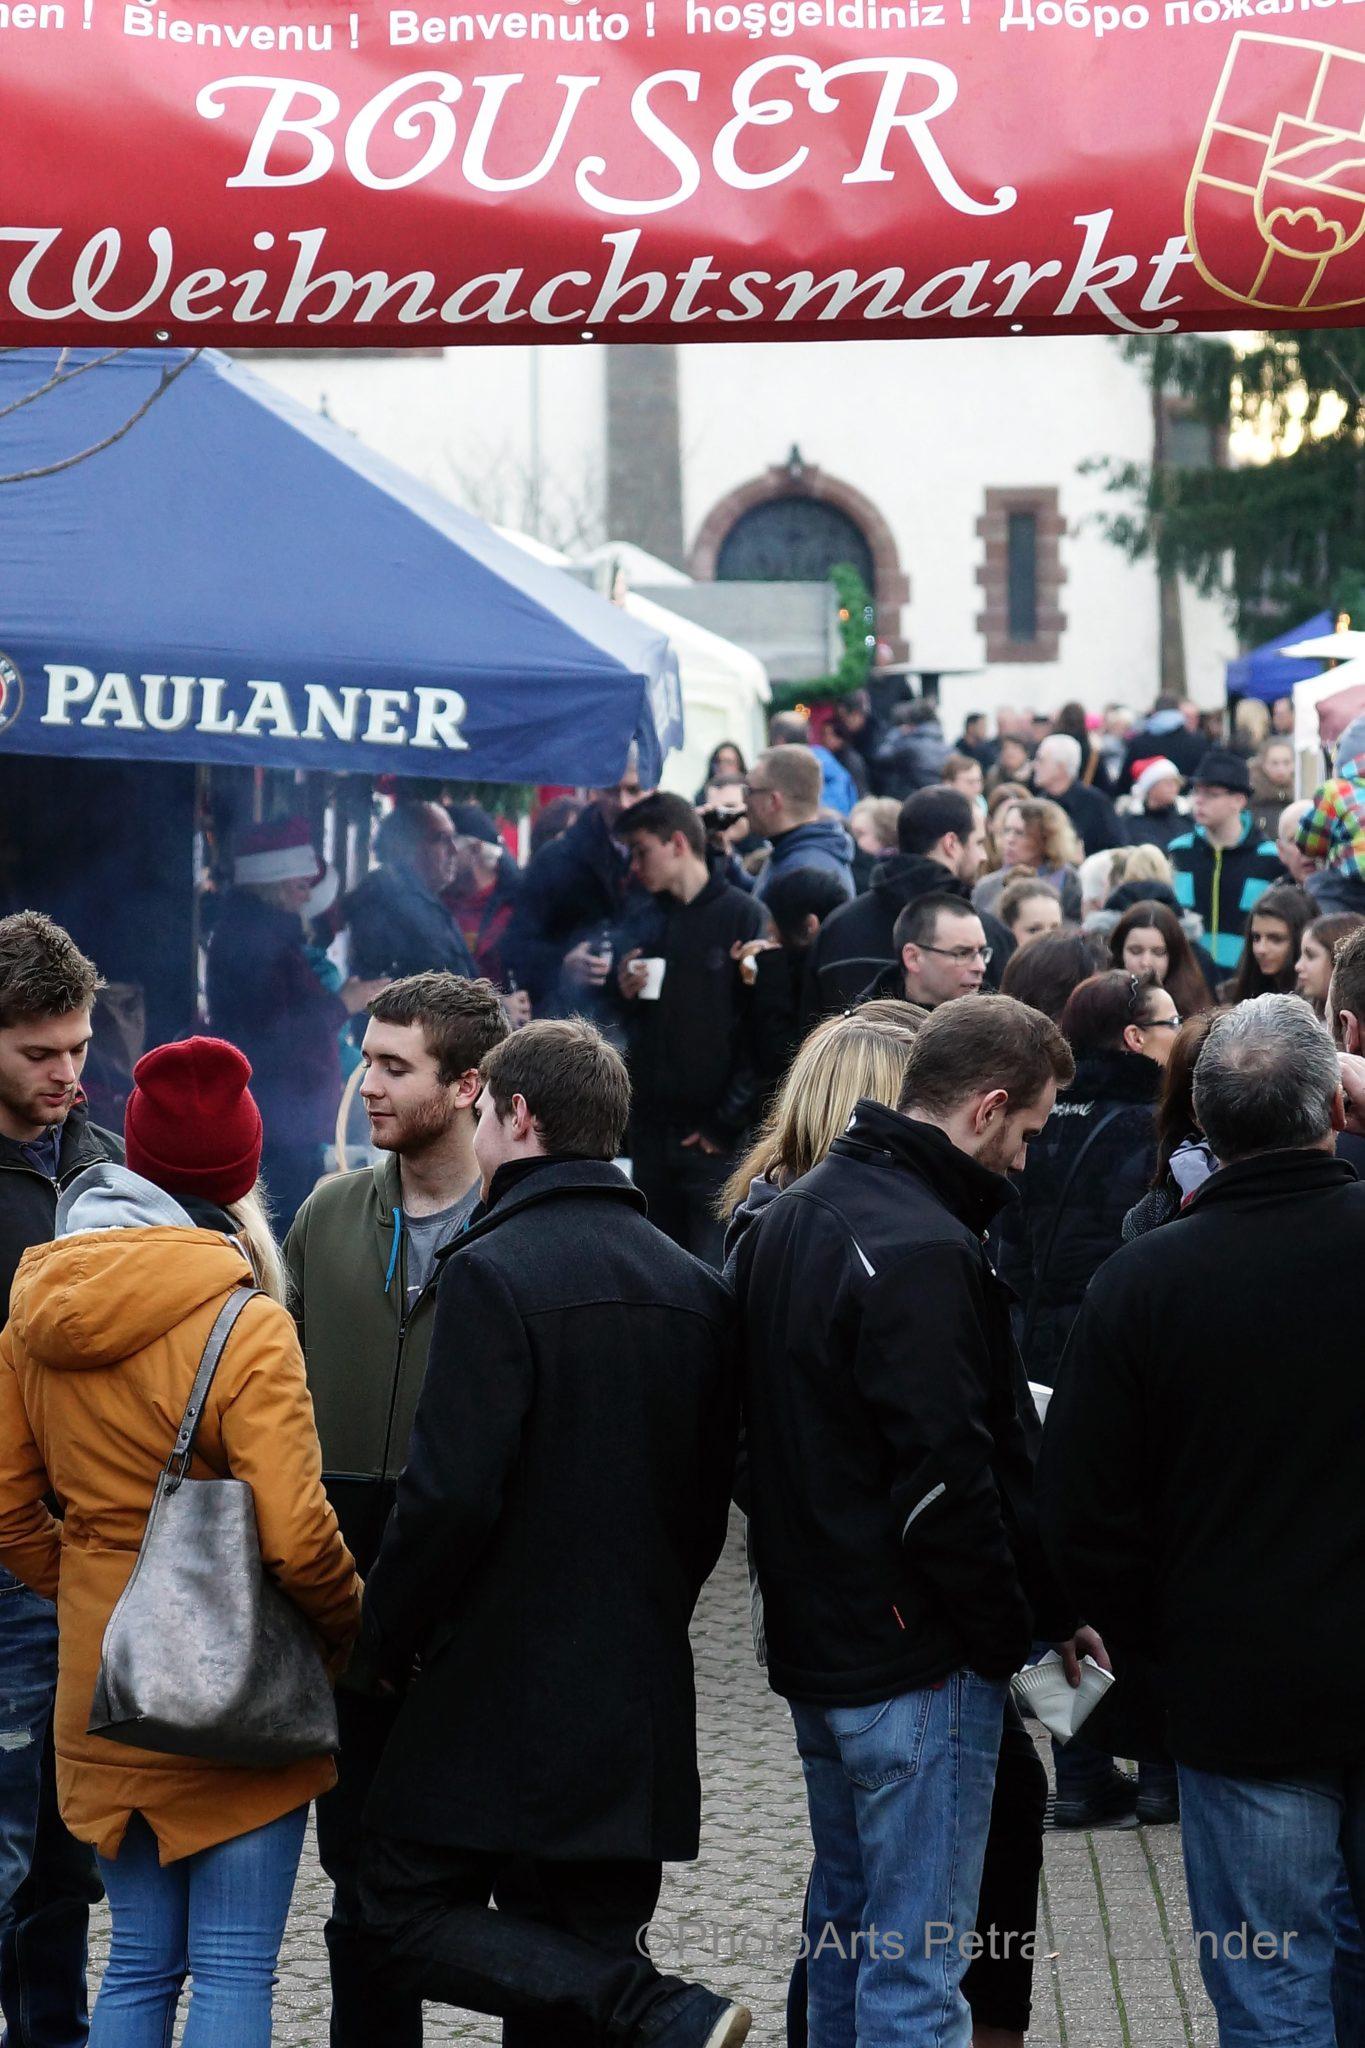 zu sehen sind viele Menschen auf dem Bouser Weihnachtsmarkt